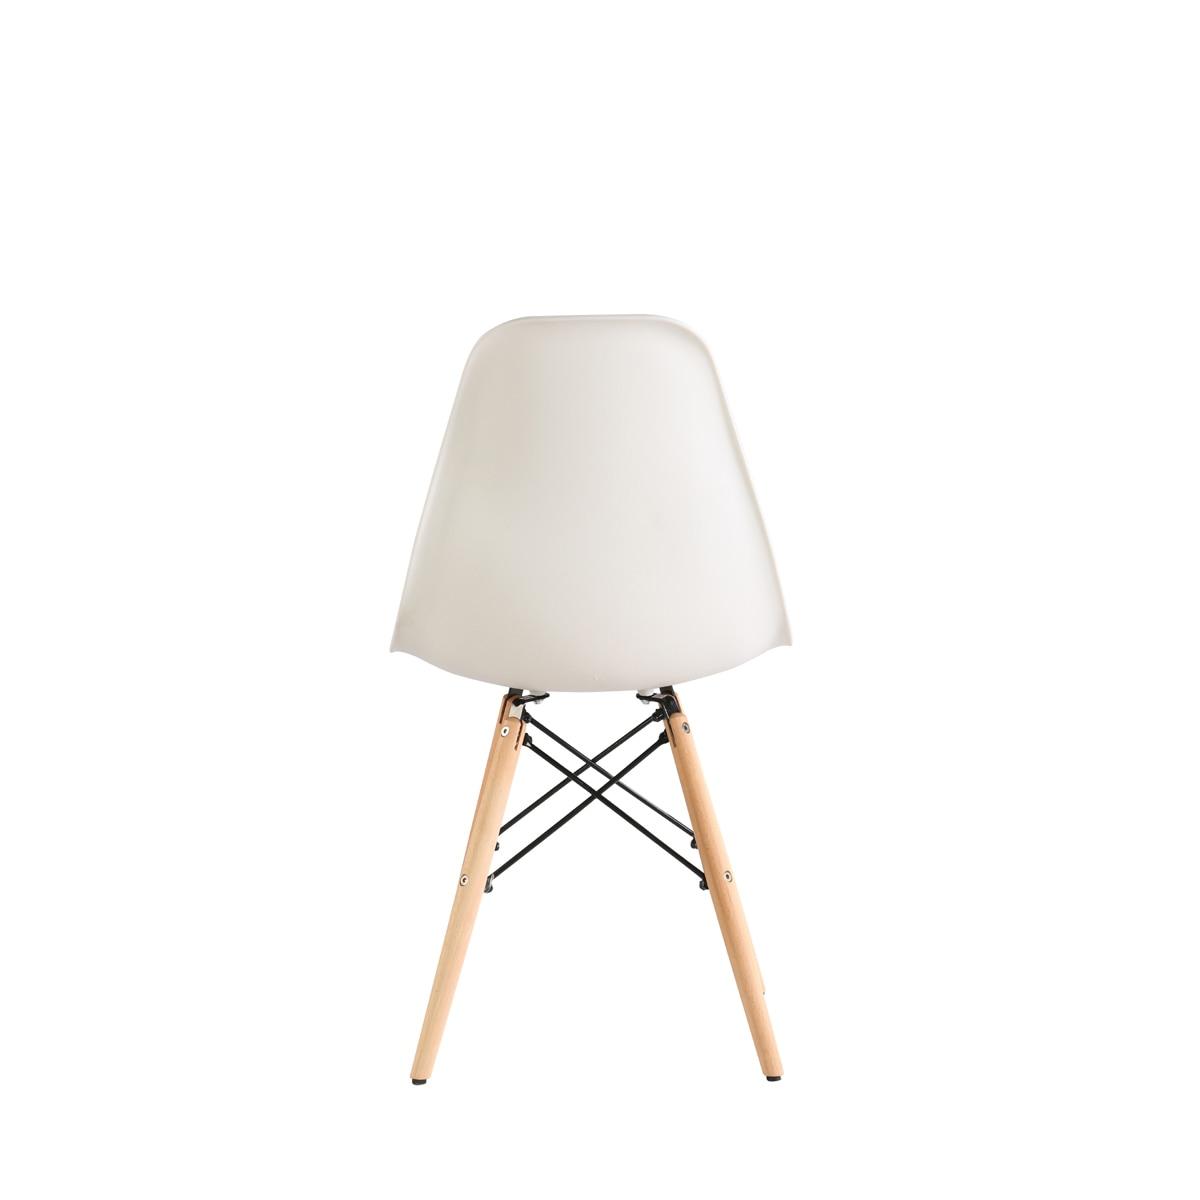 Heinner Home Truly szék, 4 darab, Műanyag ülés, Fa lábak, Fehér eMAG.hu